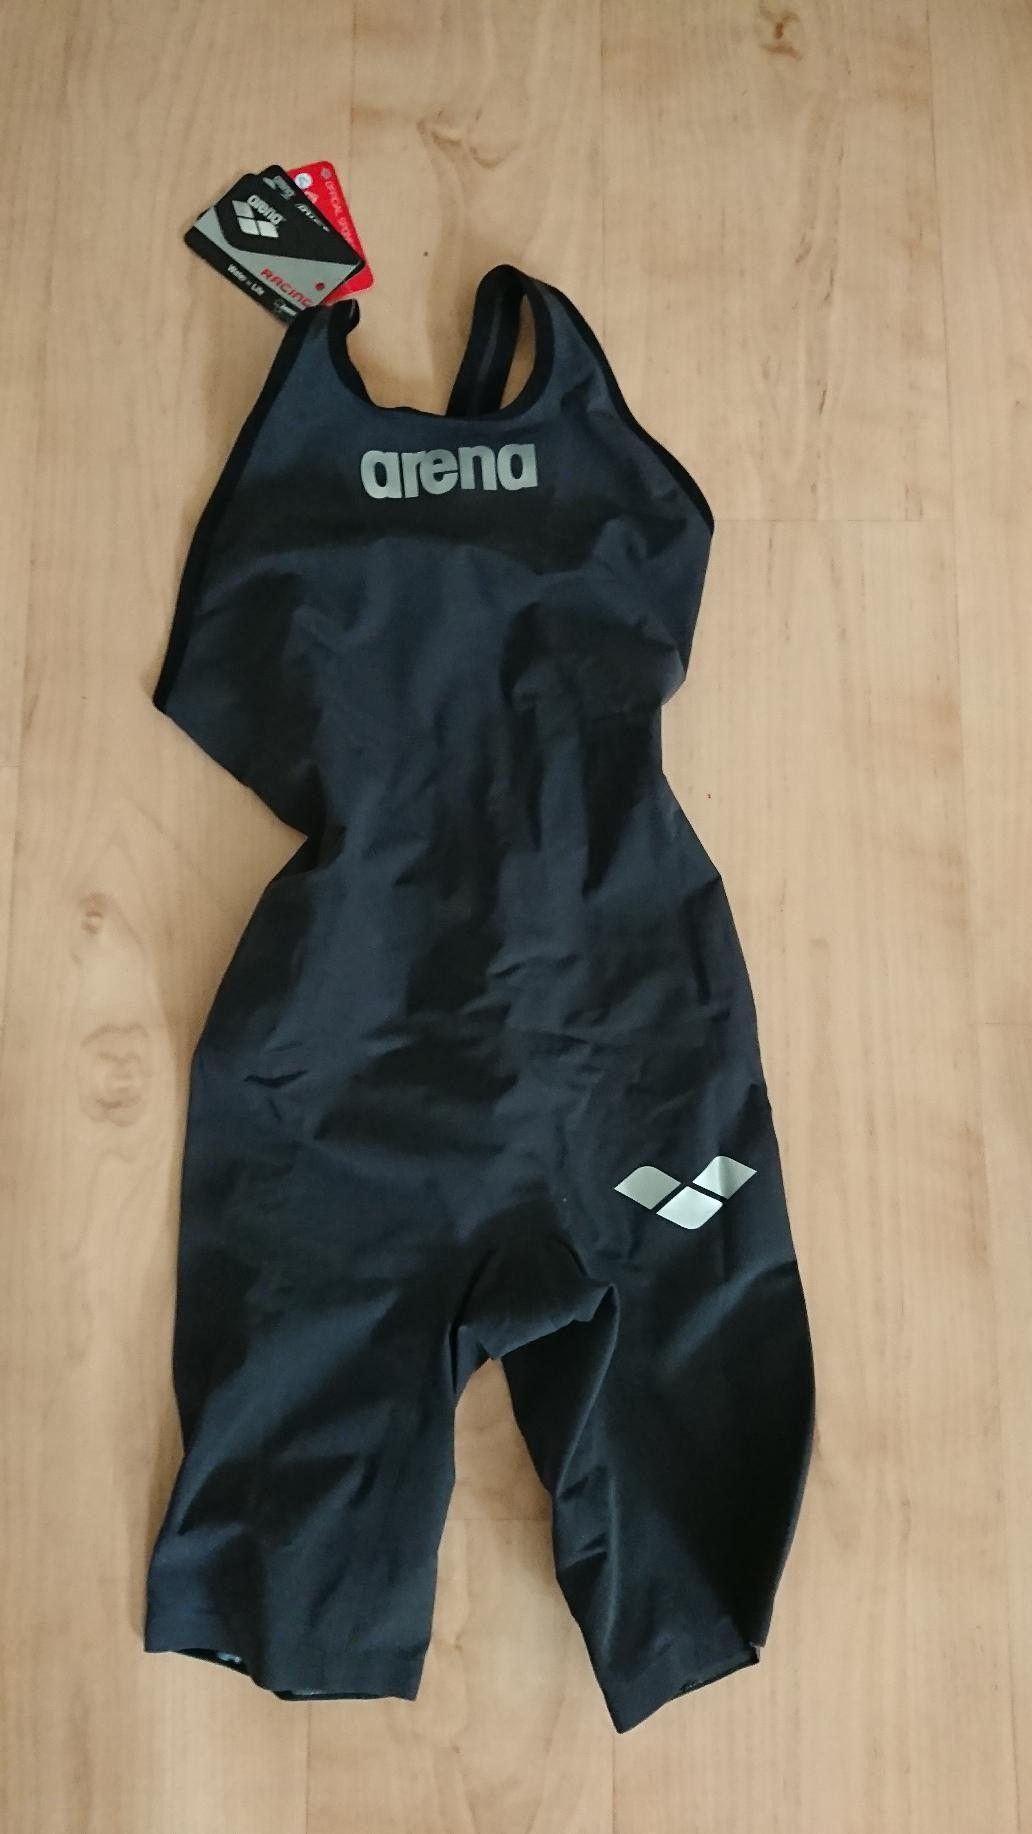 75524fd97 Konkurransedrakter svømming, svømmebriller, utstyr etc Arena og ...